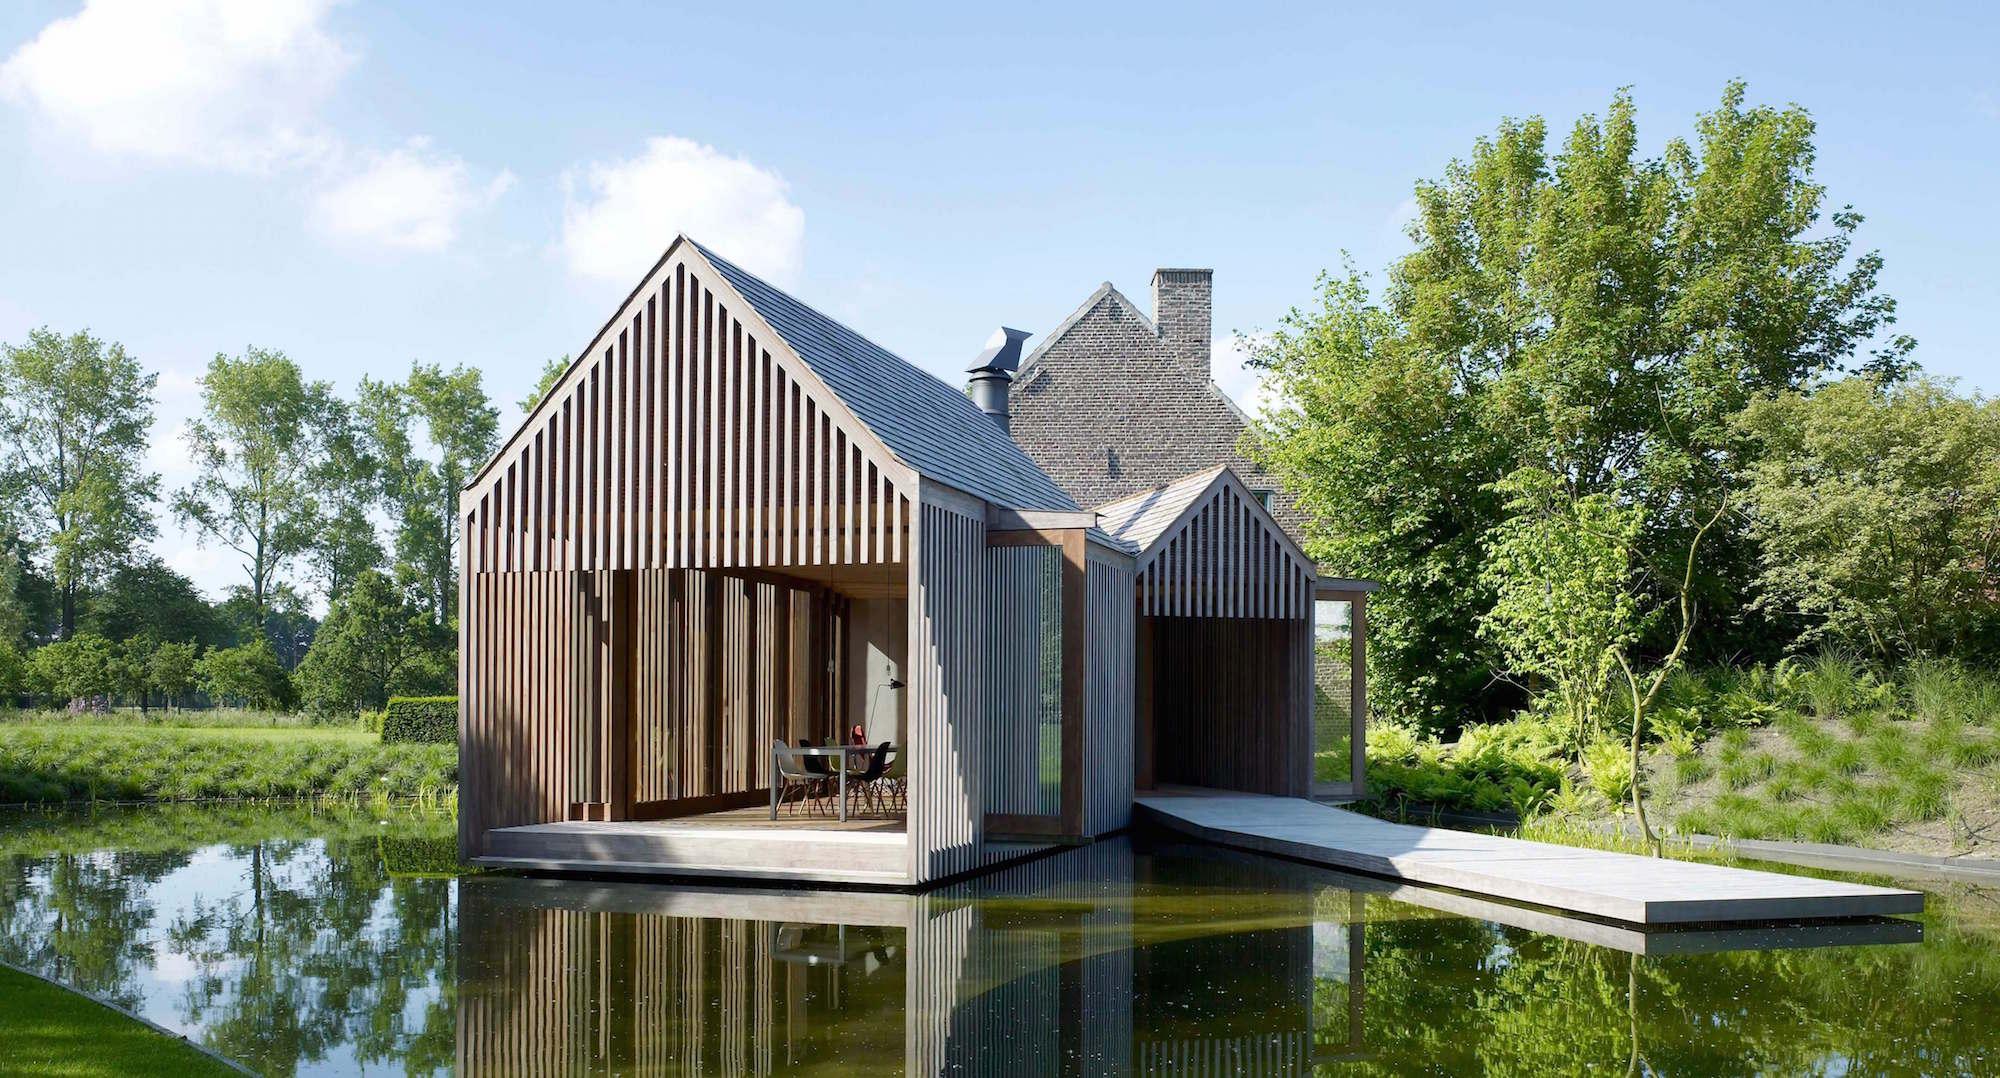 refuge-wim-architectuur-04